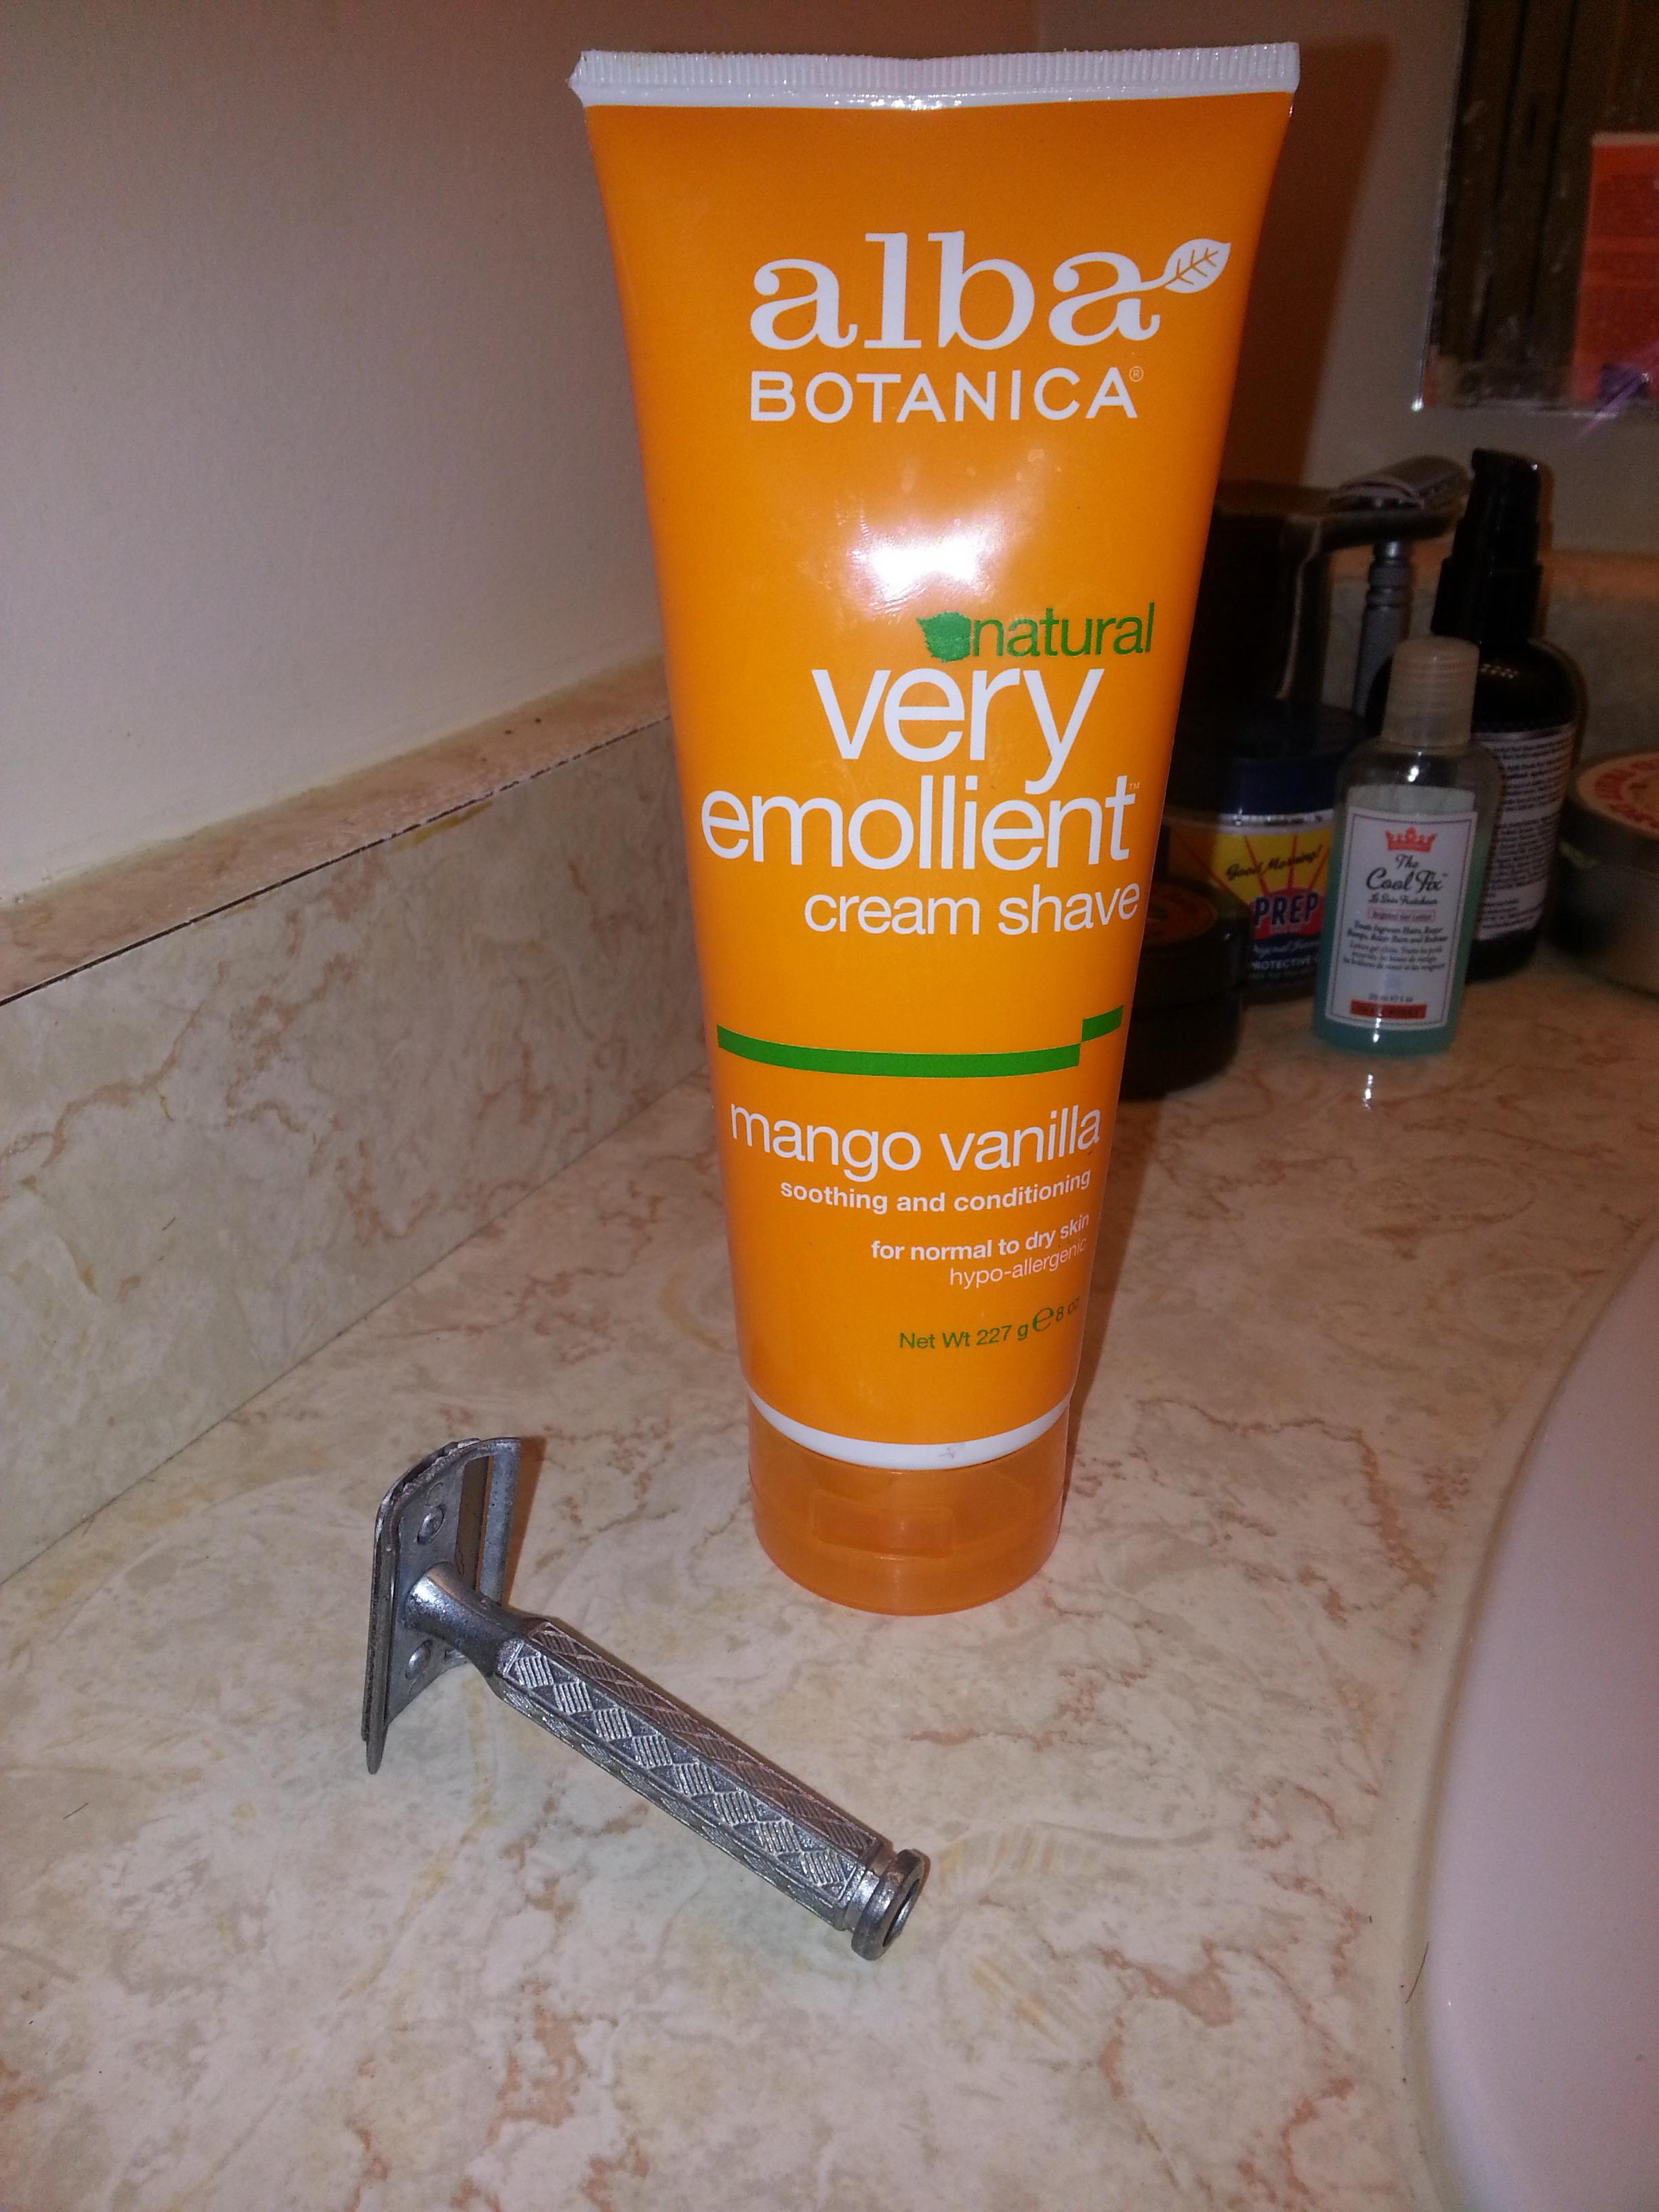 Alba Botanica – Natural Very Emollient Cream Shave – Mango